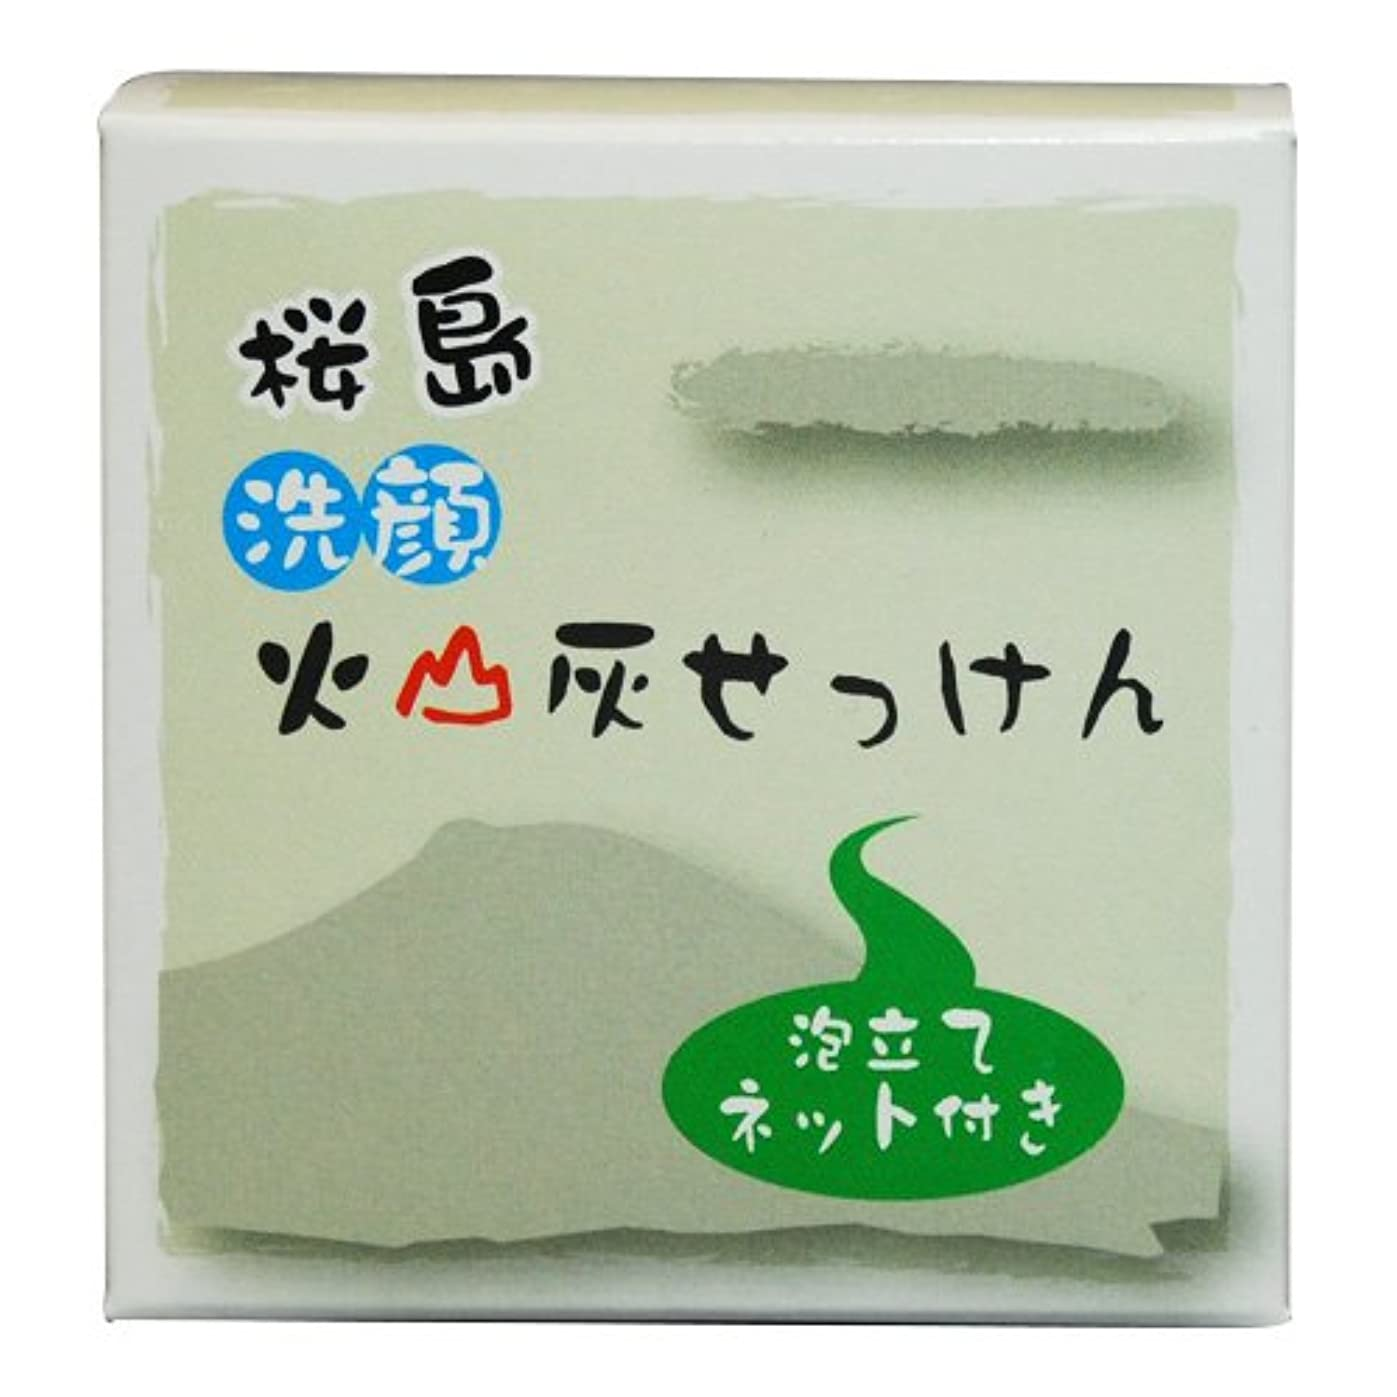 味ウィンクニュース桜島洗顔火山灰せっけん(泡立てネット付き)